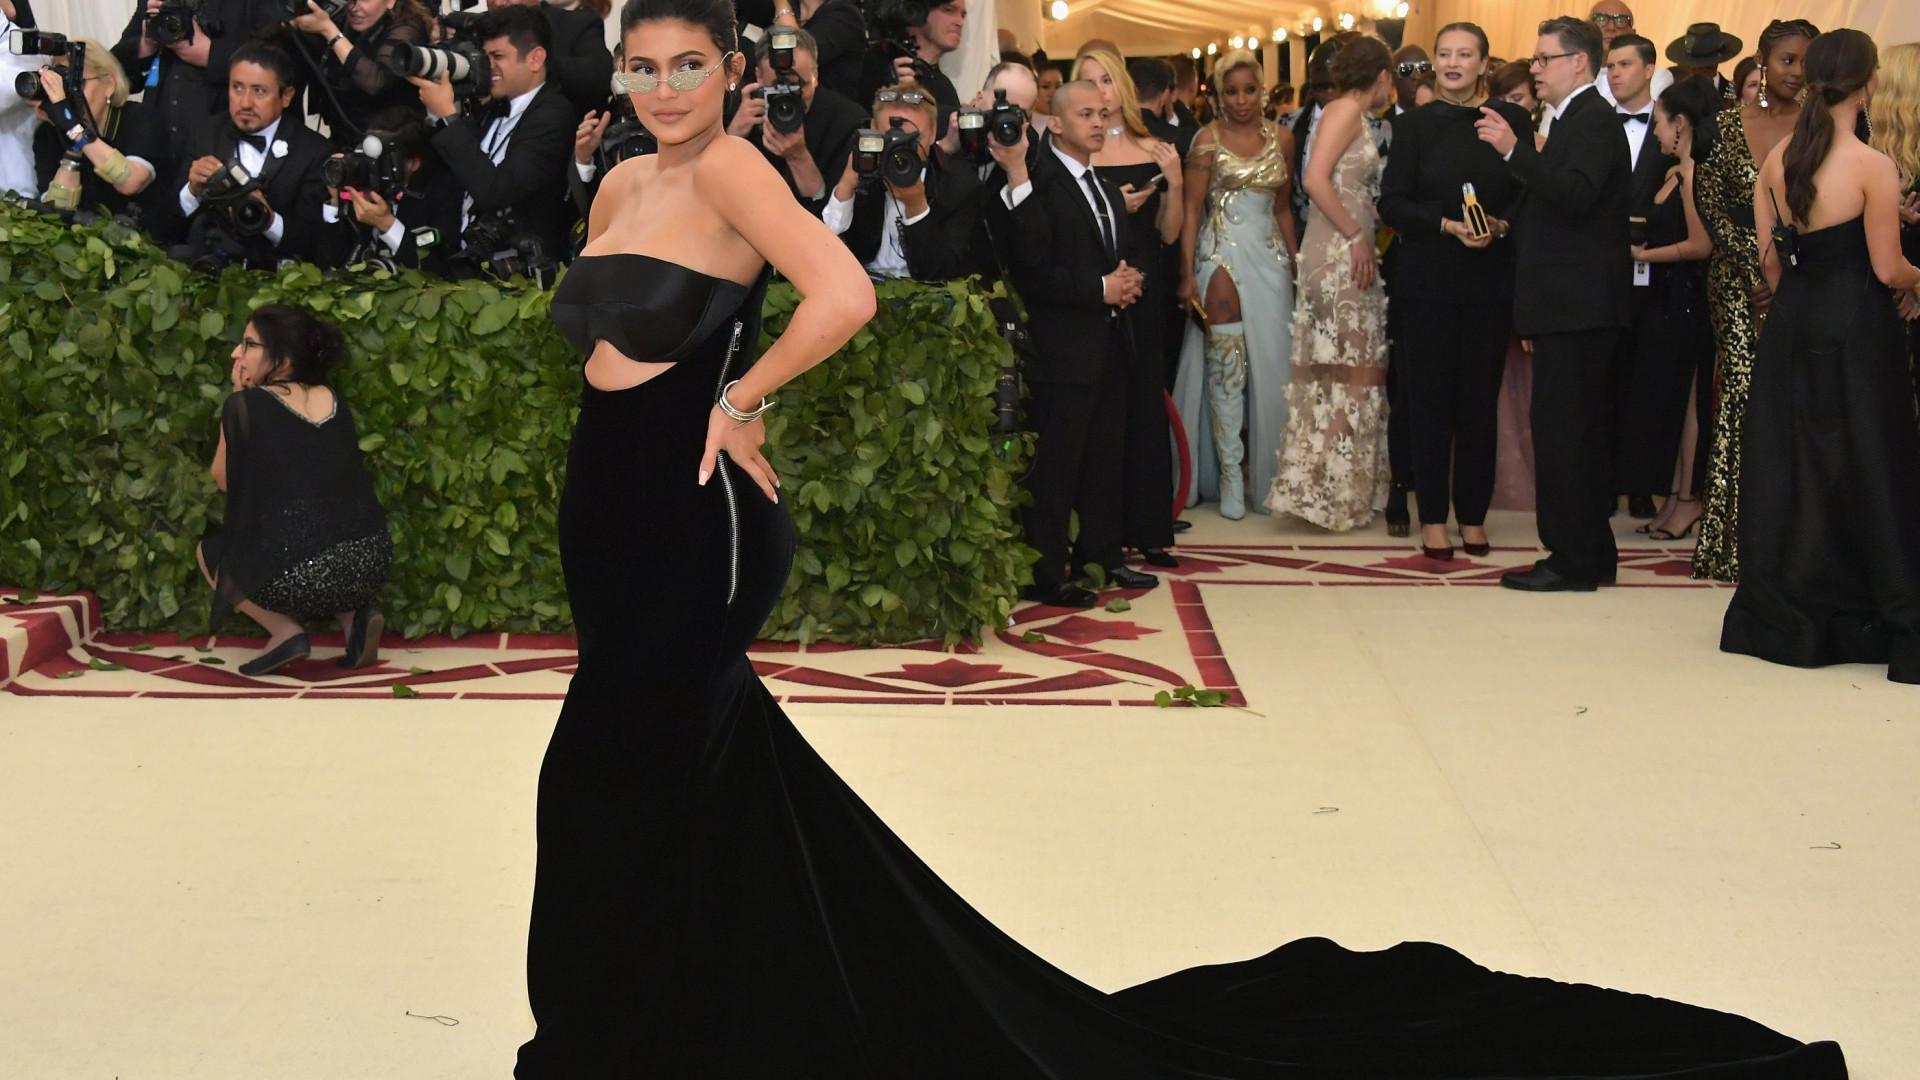 Aniversário de Kylie Jenner é sinónimo de coleção limitada de maquilhagem